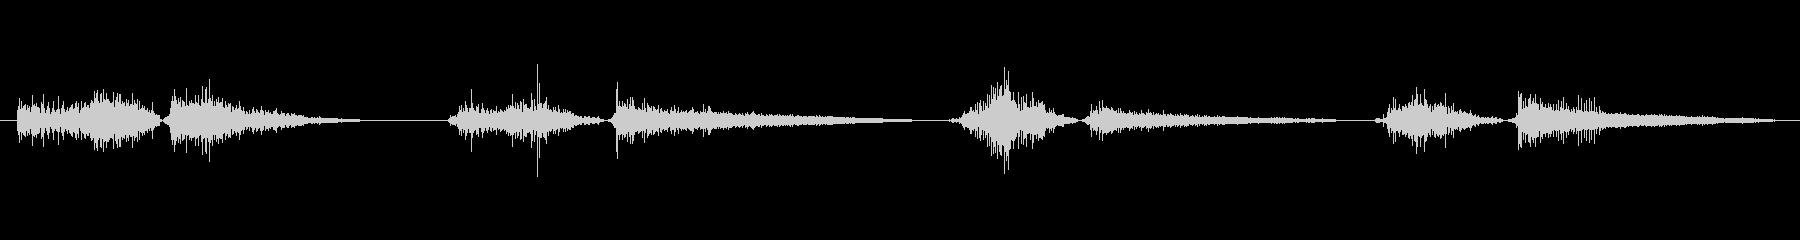 モンスター いびきバイブレーション01の未再生の波形